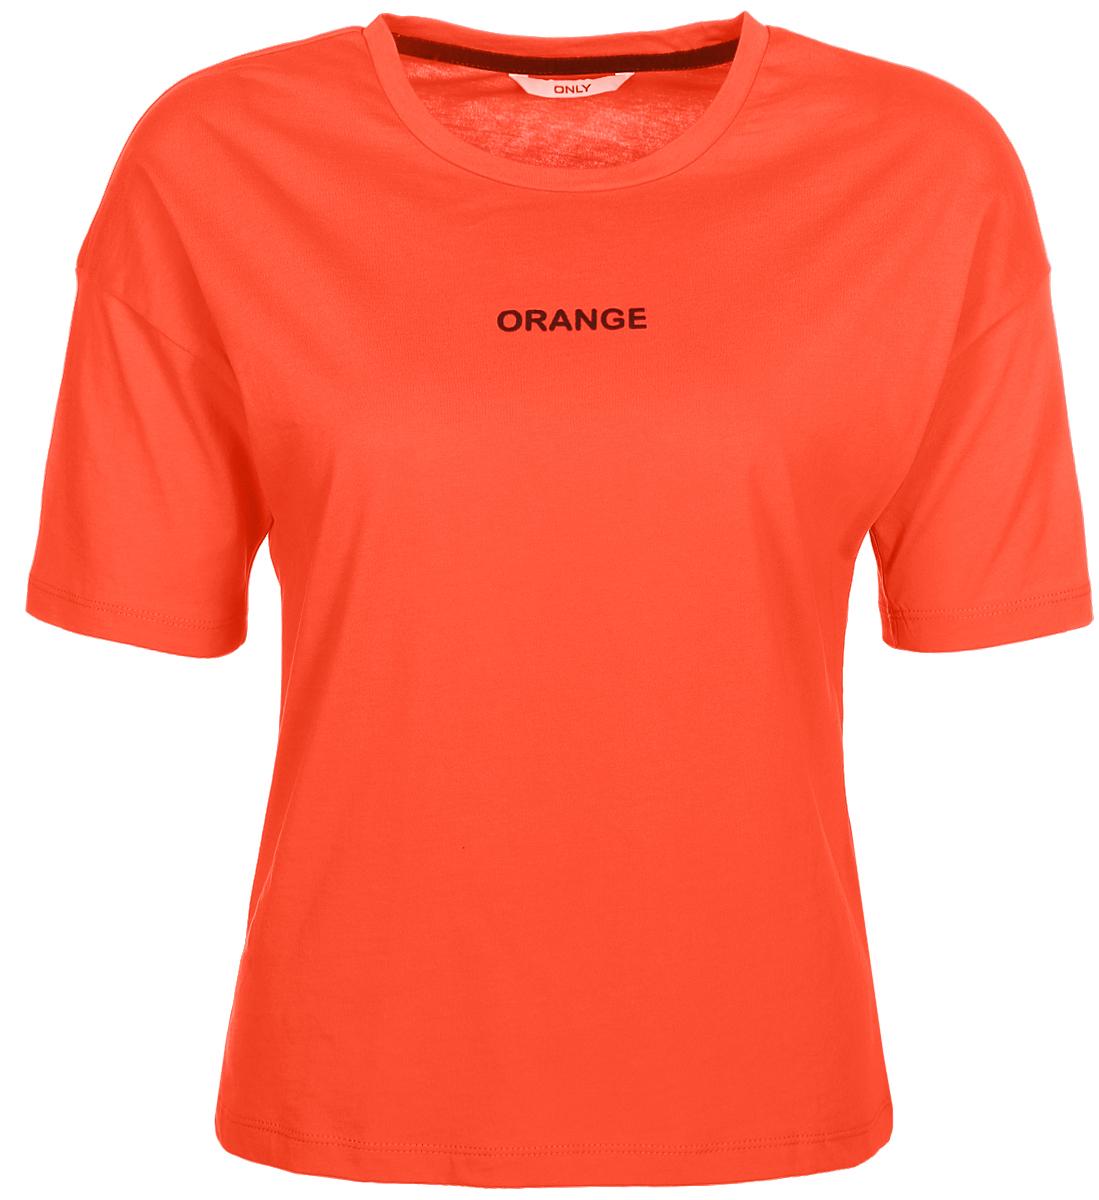 Футболка женская Only, цвет: оранжевый. 15150344_Orangeade. Размер 42/4415150344_Orangeade